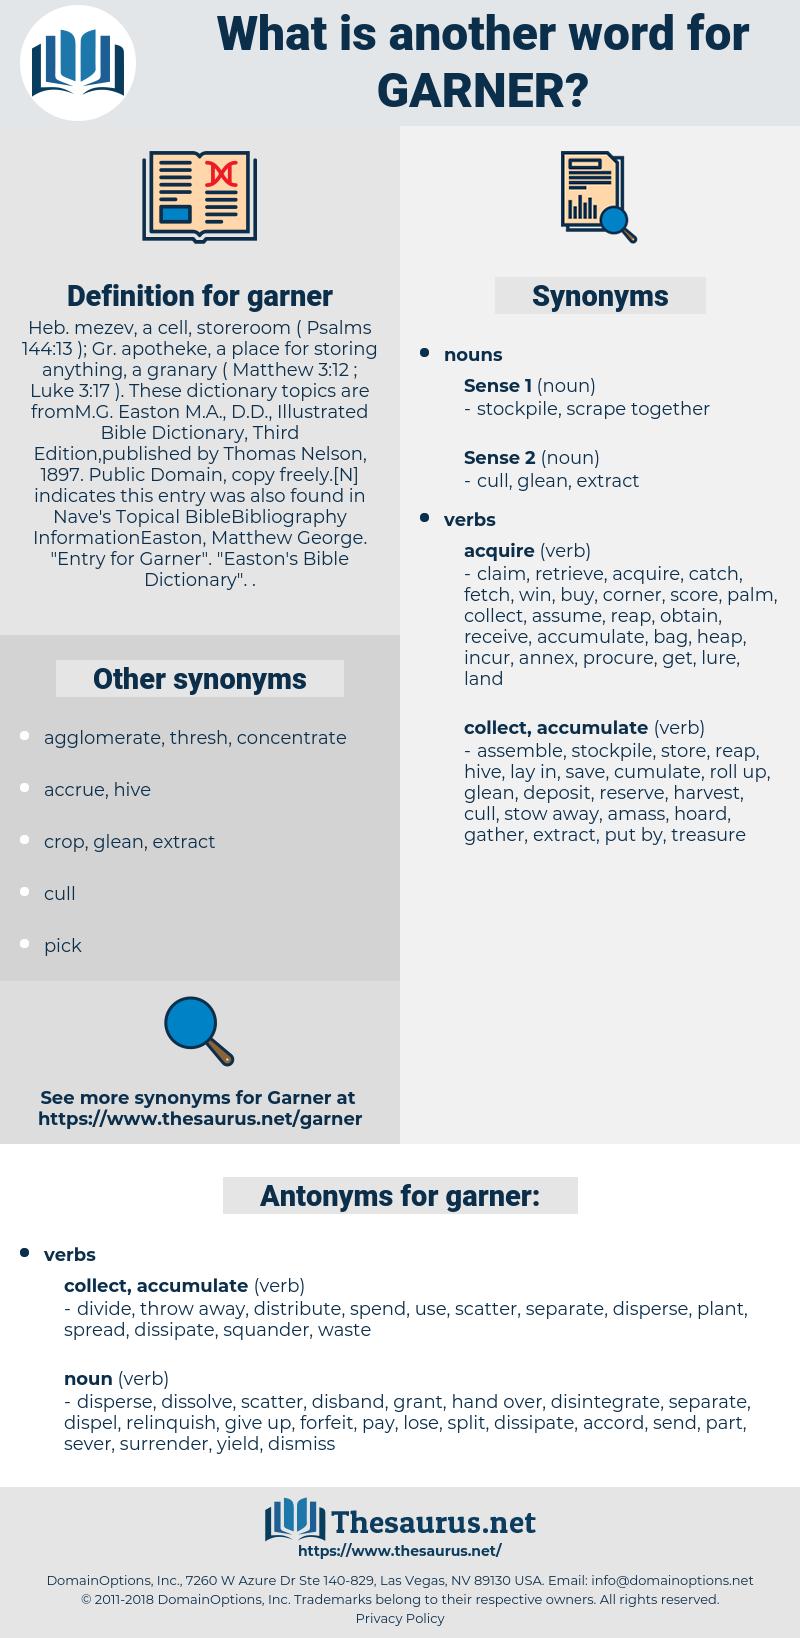 garner, synonym garner, another word for garner, words like garner, thesaurus garner